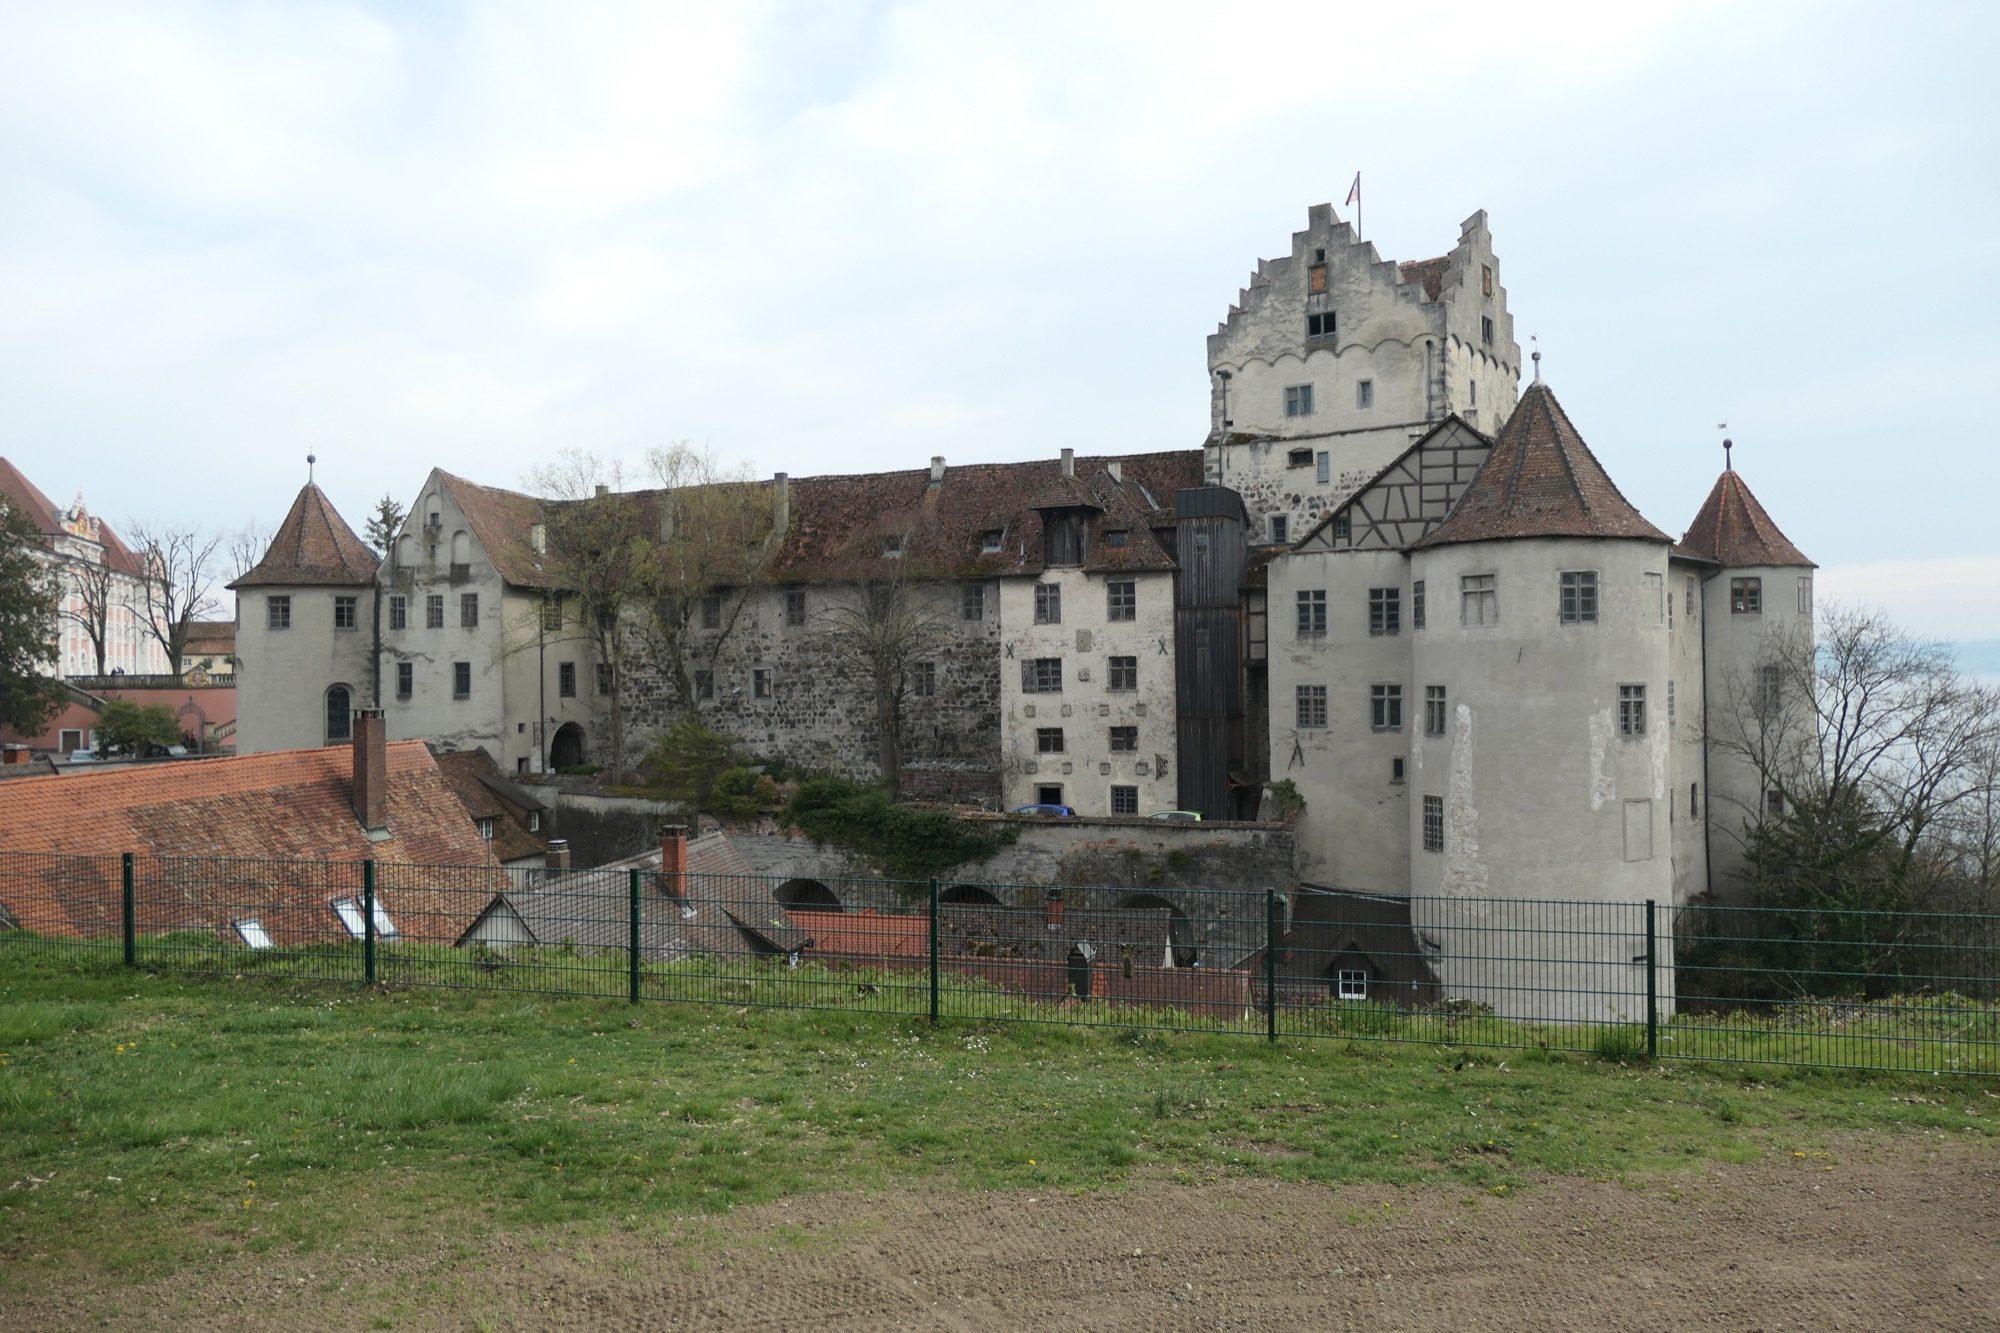 Meersburg Castle Moat